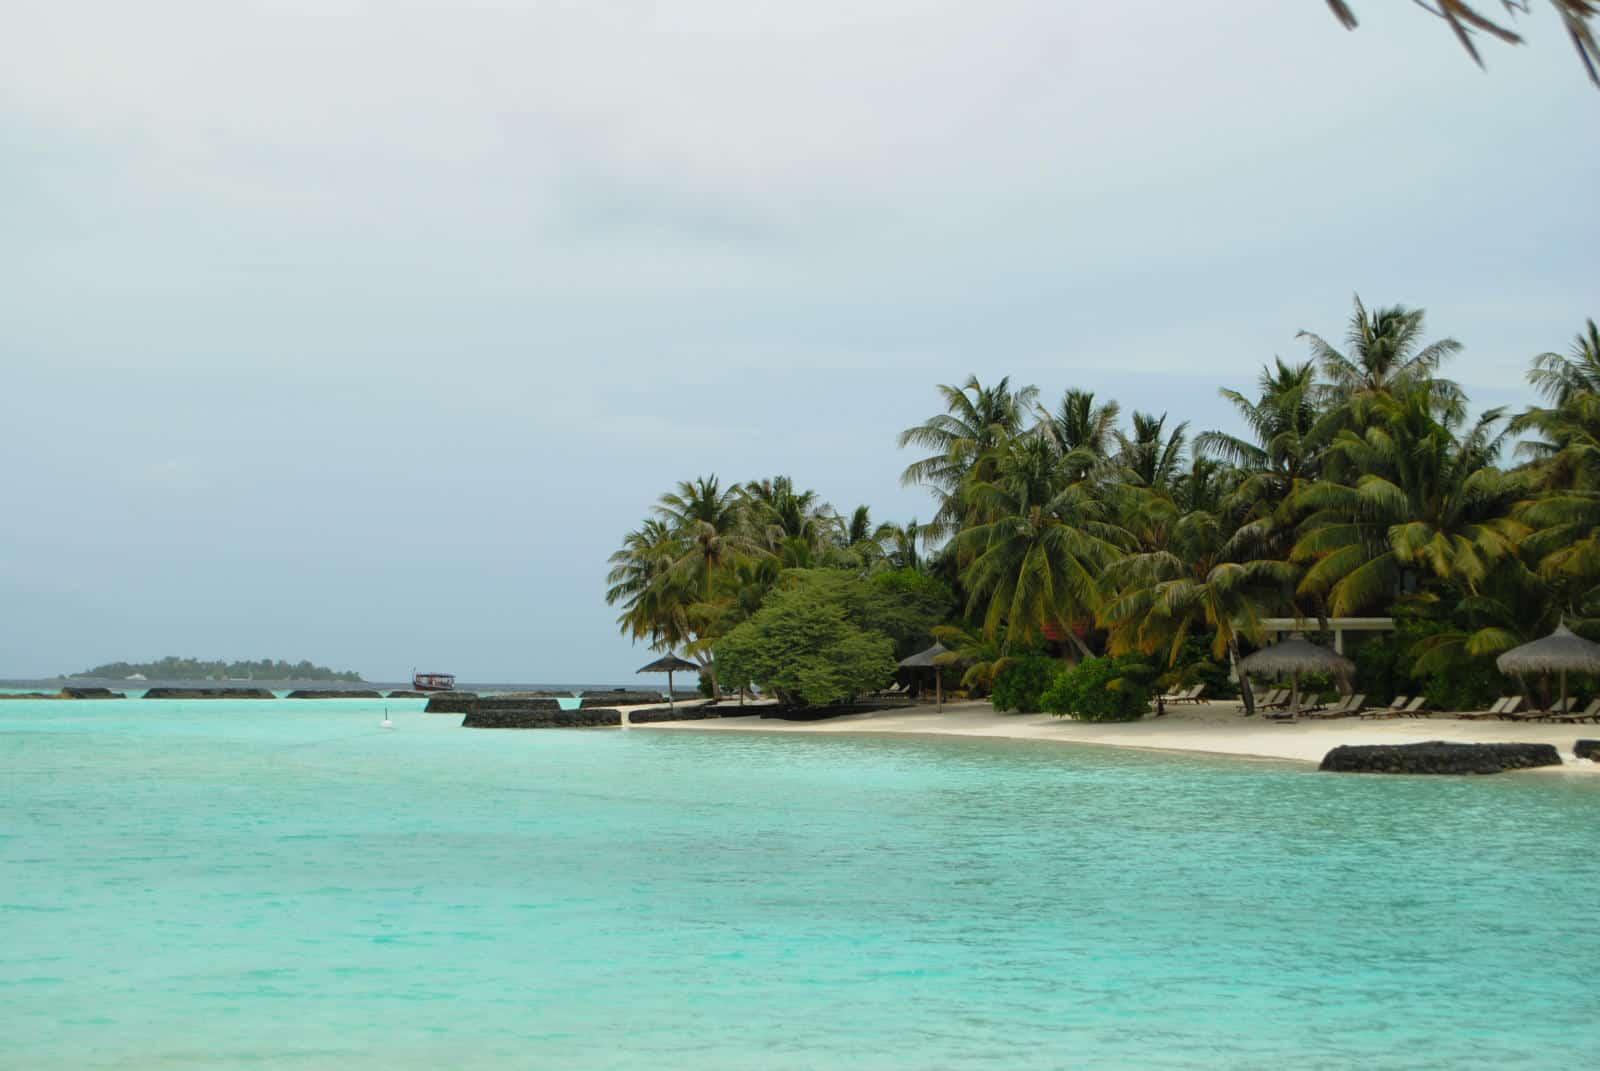 Kurumba Maldives Beach - Maldives Resorts with Speedboat Transfers - Maldives Resorts with speed boat transfers - where to stay in the maldives